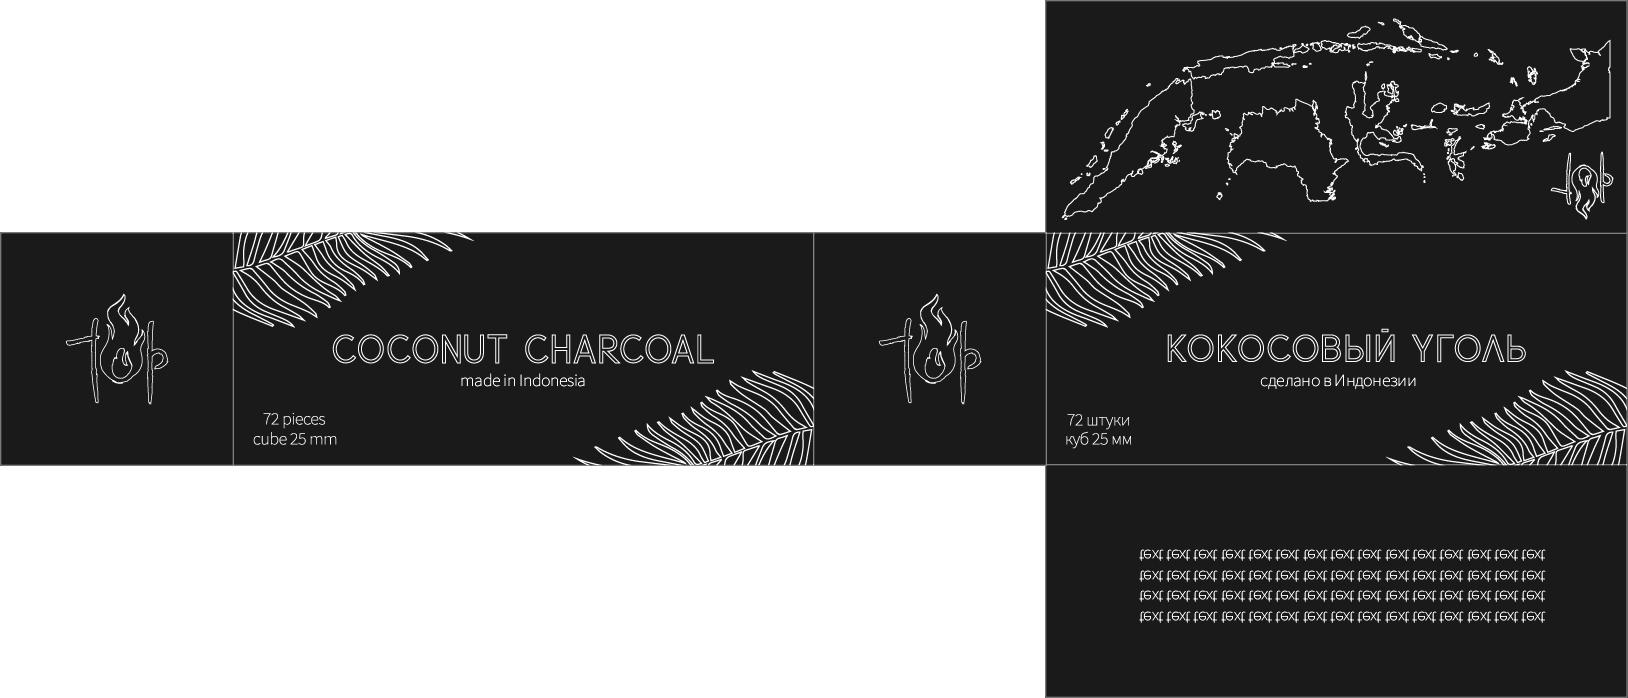 Разработка дизайна коробки, фирменного стиля, логотипа. фото f_3935c6335816b2b5.png